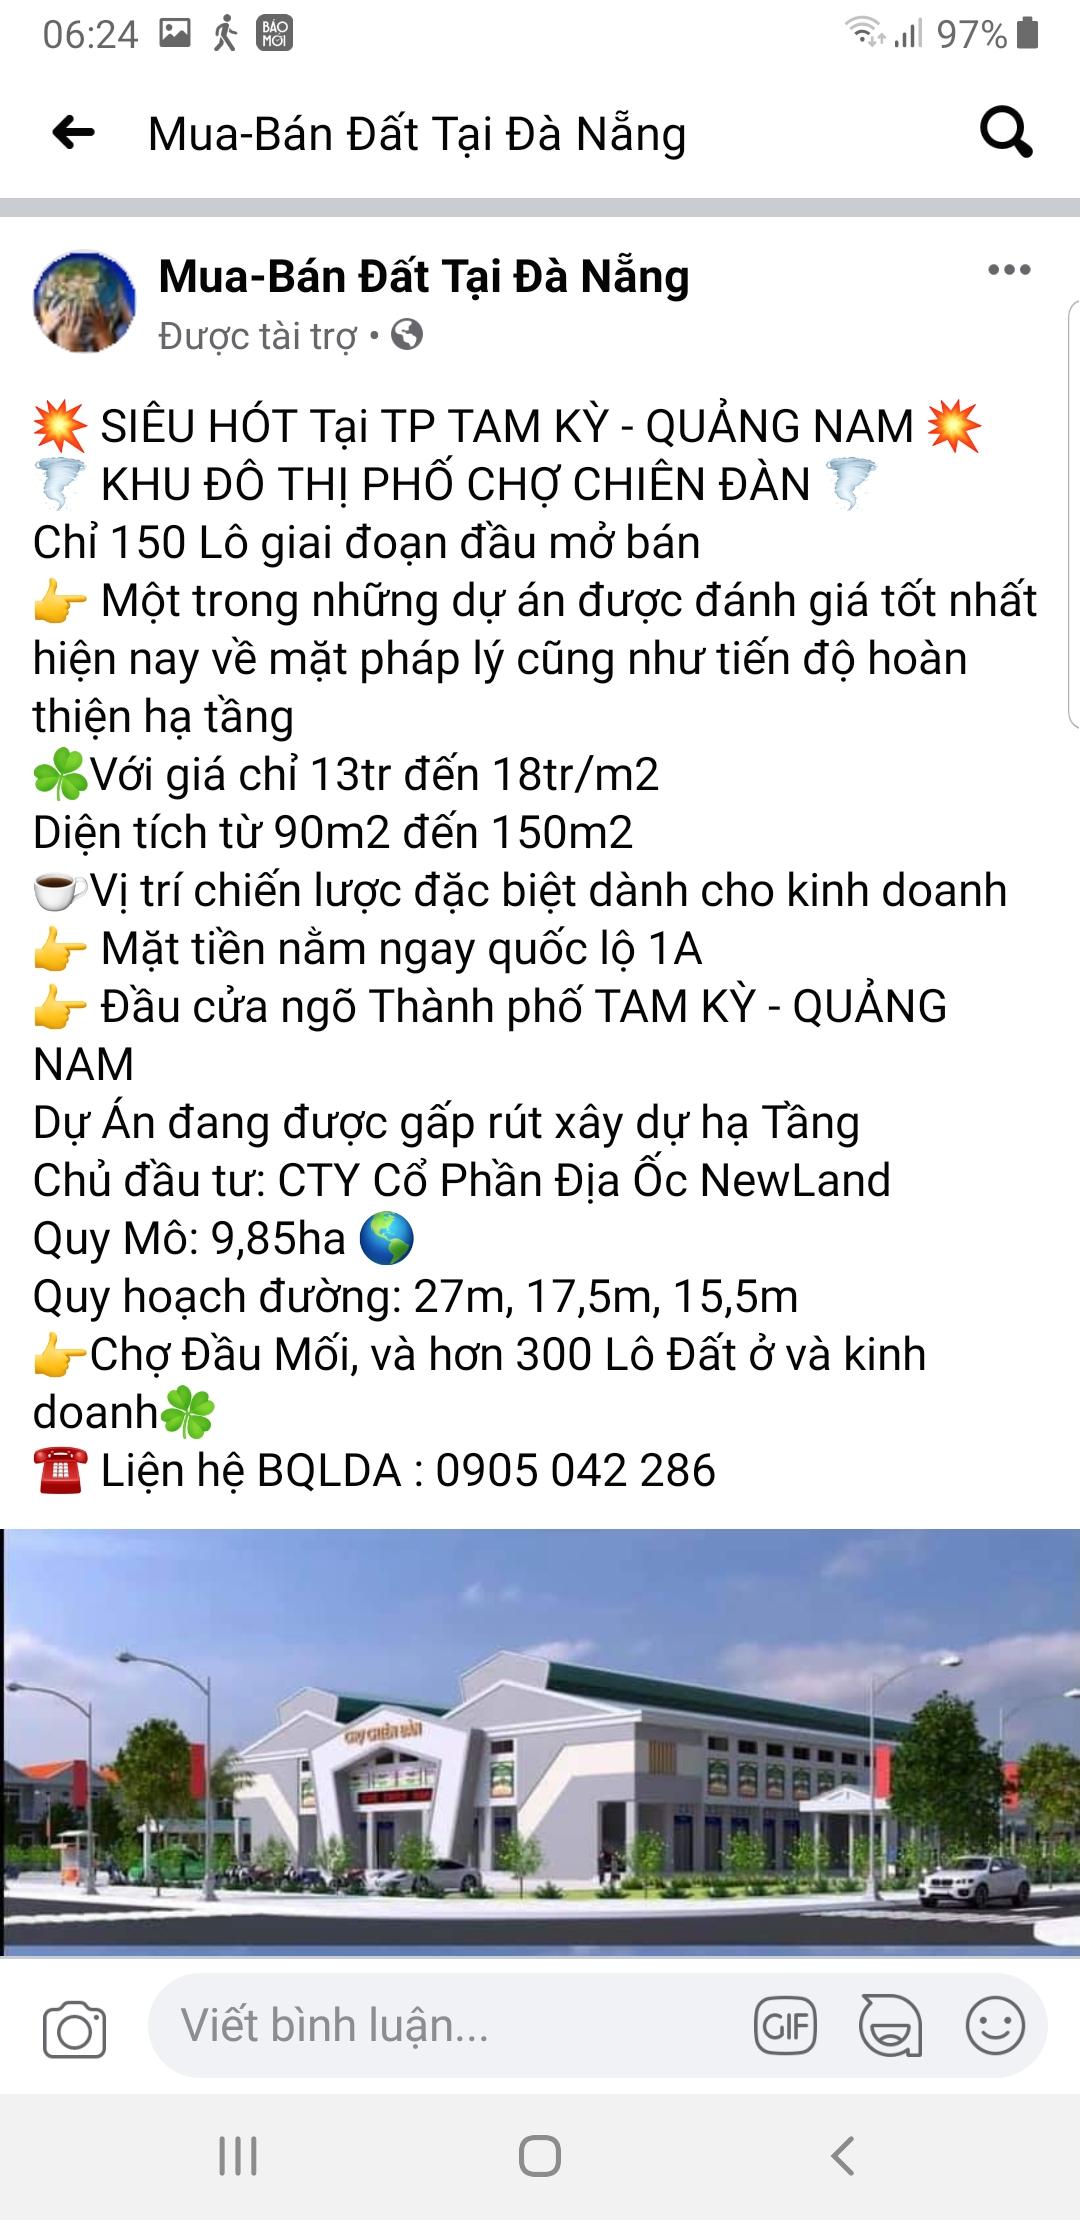 """Quảng Nam: Dự án KPC Chiên Đàn chưa đủ điều kiện nhưng rao bán rầm rộ, chính quyền ra """"văn bản khẩn"""" để cảnh báo - Ảnh 2."""